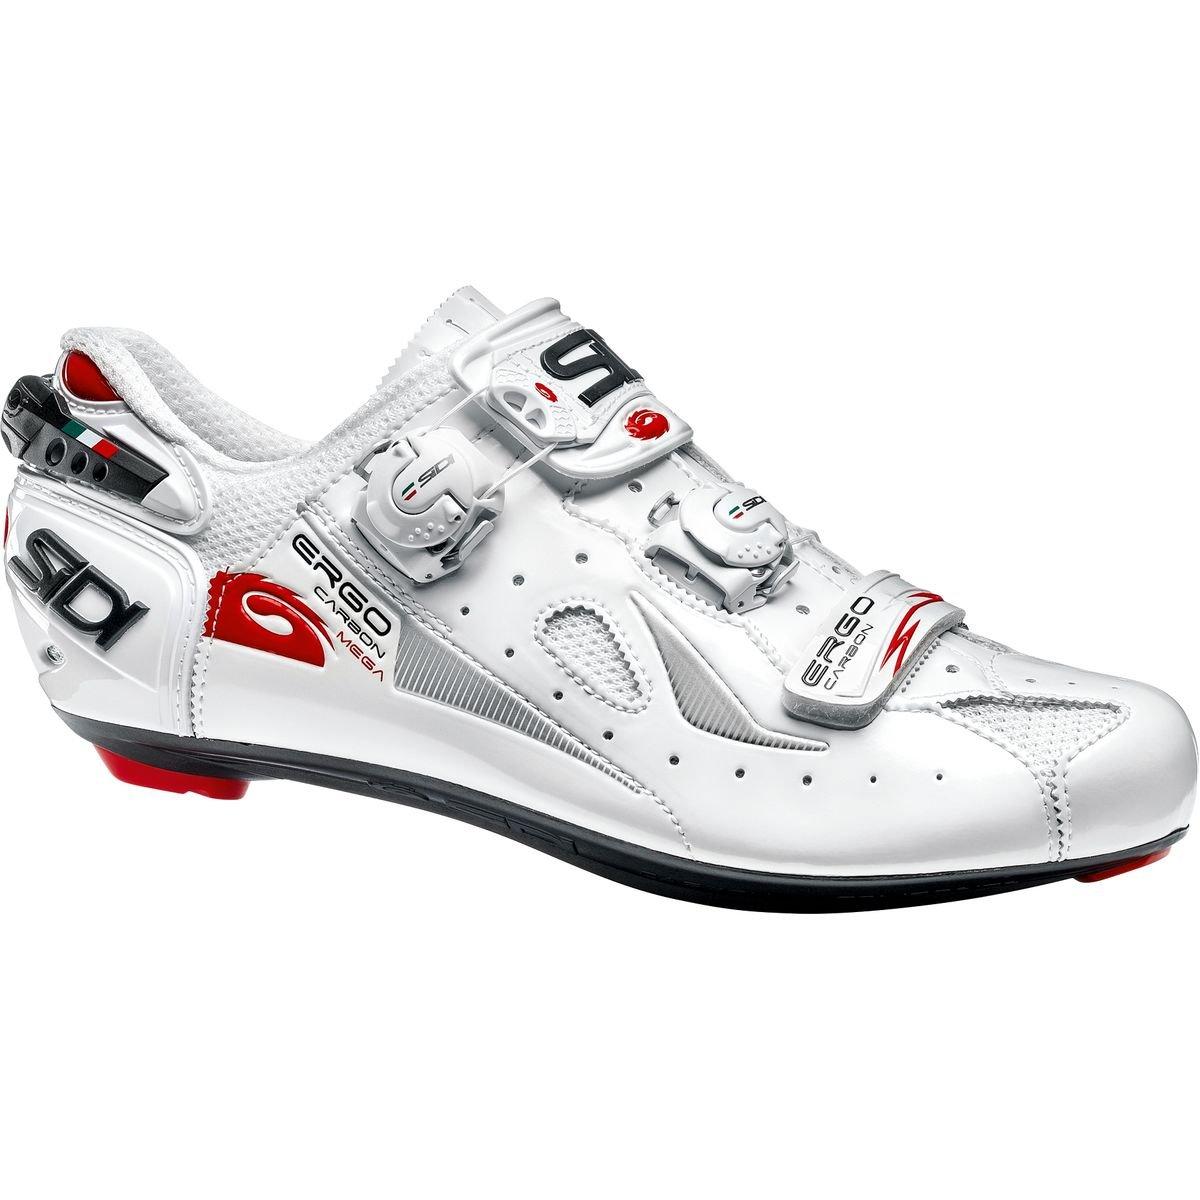 格安 (シディ) Ergo Sidi Ergo 4 Carbon Mega Shoe B07G76MWHJ メンズ Shoe ロードバイクシューズWhite [並行輸入品] 日本サイズ 30cm (47.0/Wide) White B07G76MWHJ, タイヤステージ 湘南:377c1ce7 --- by.specpricep.ru